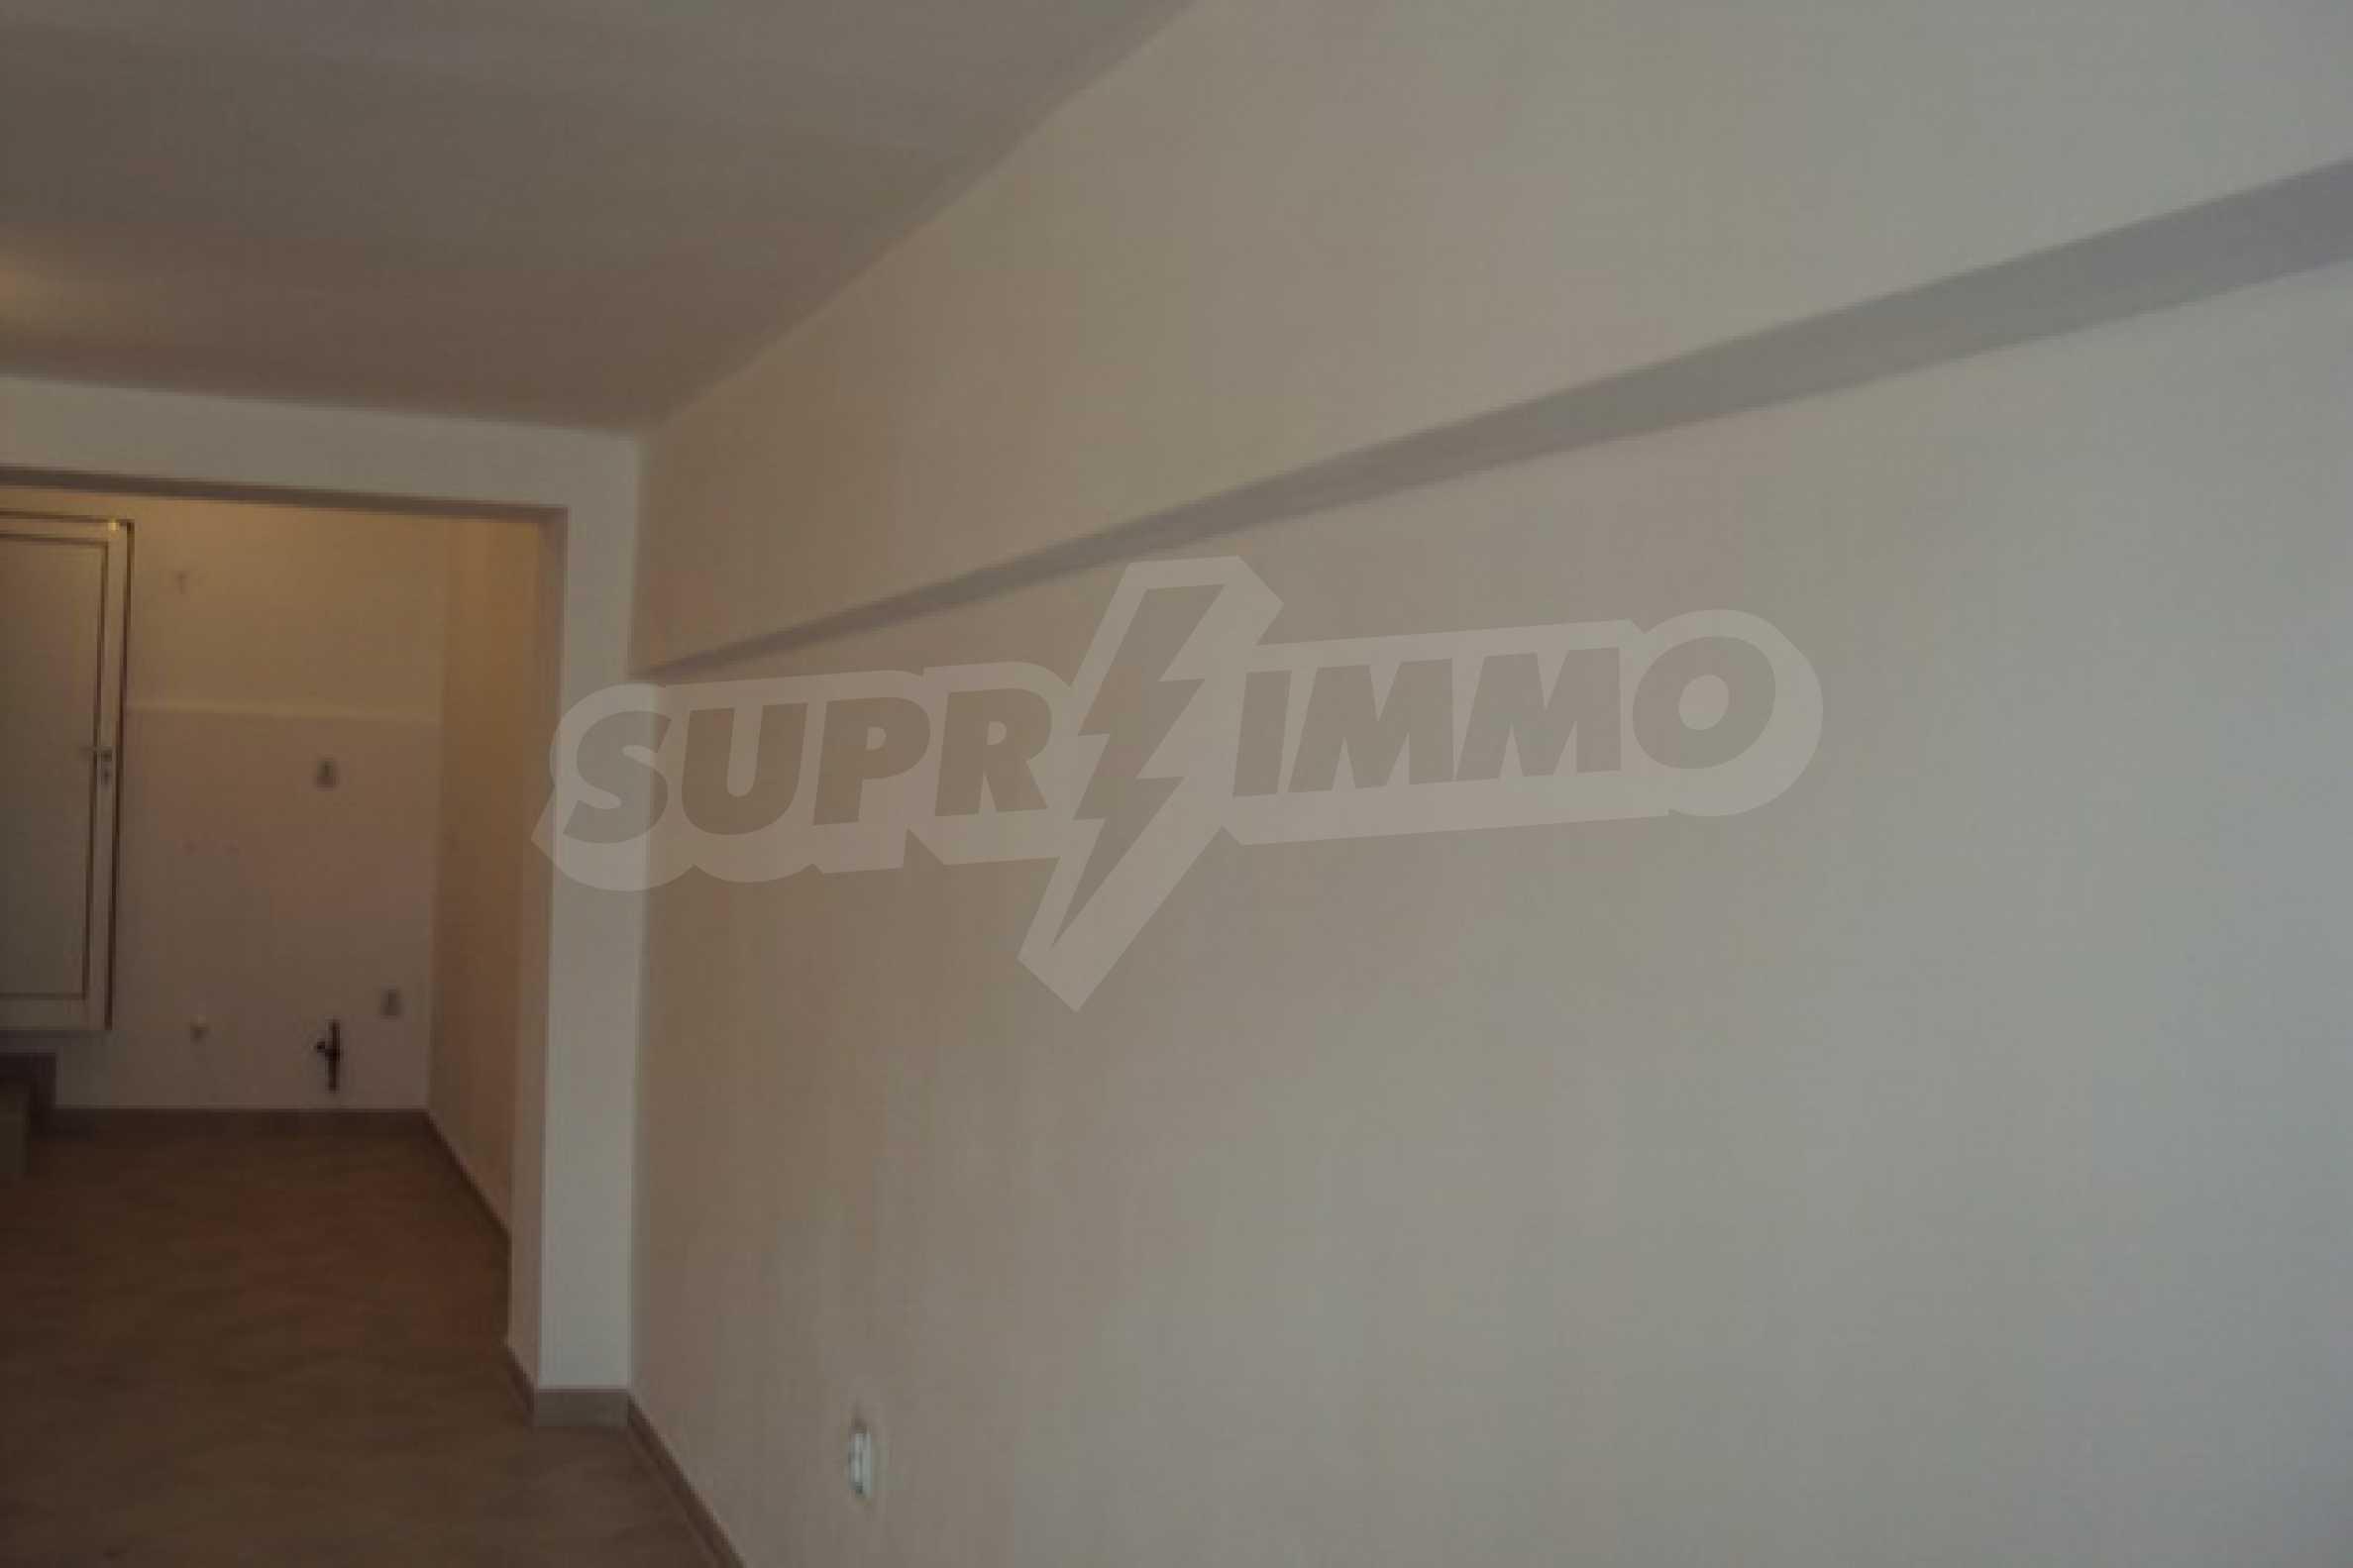 Магазин/офис продается в городе Велико Тырново 1